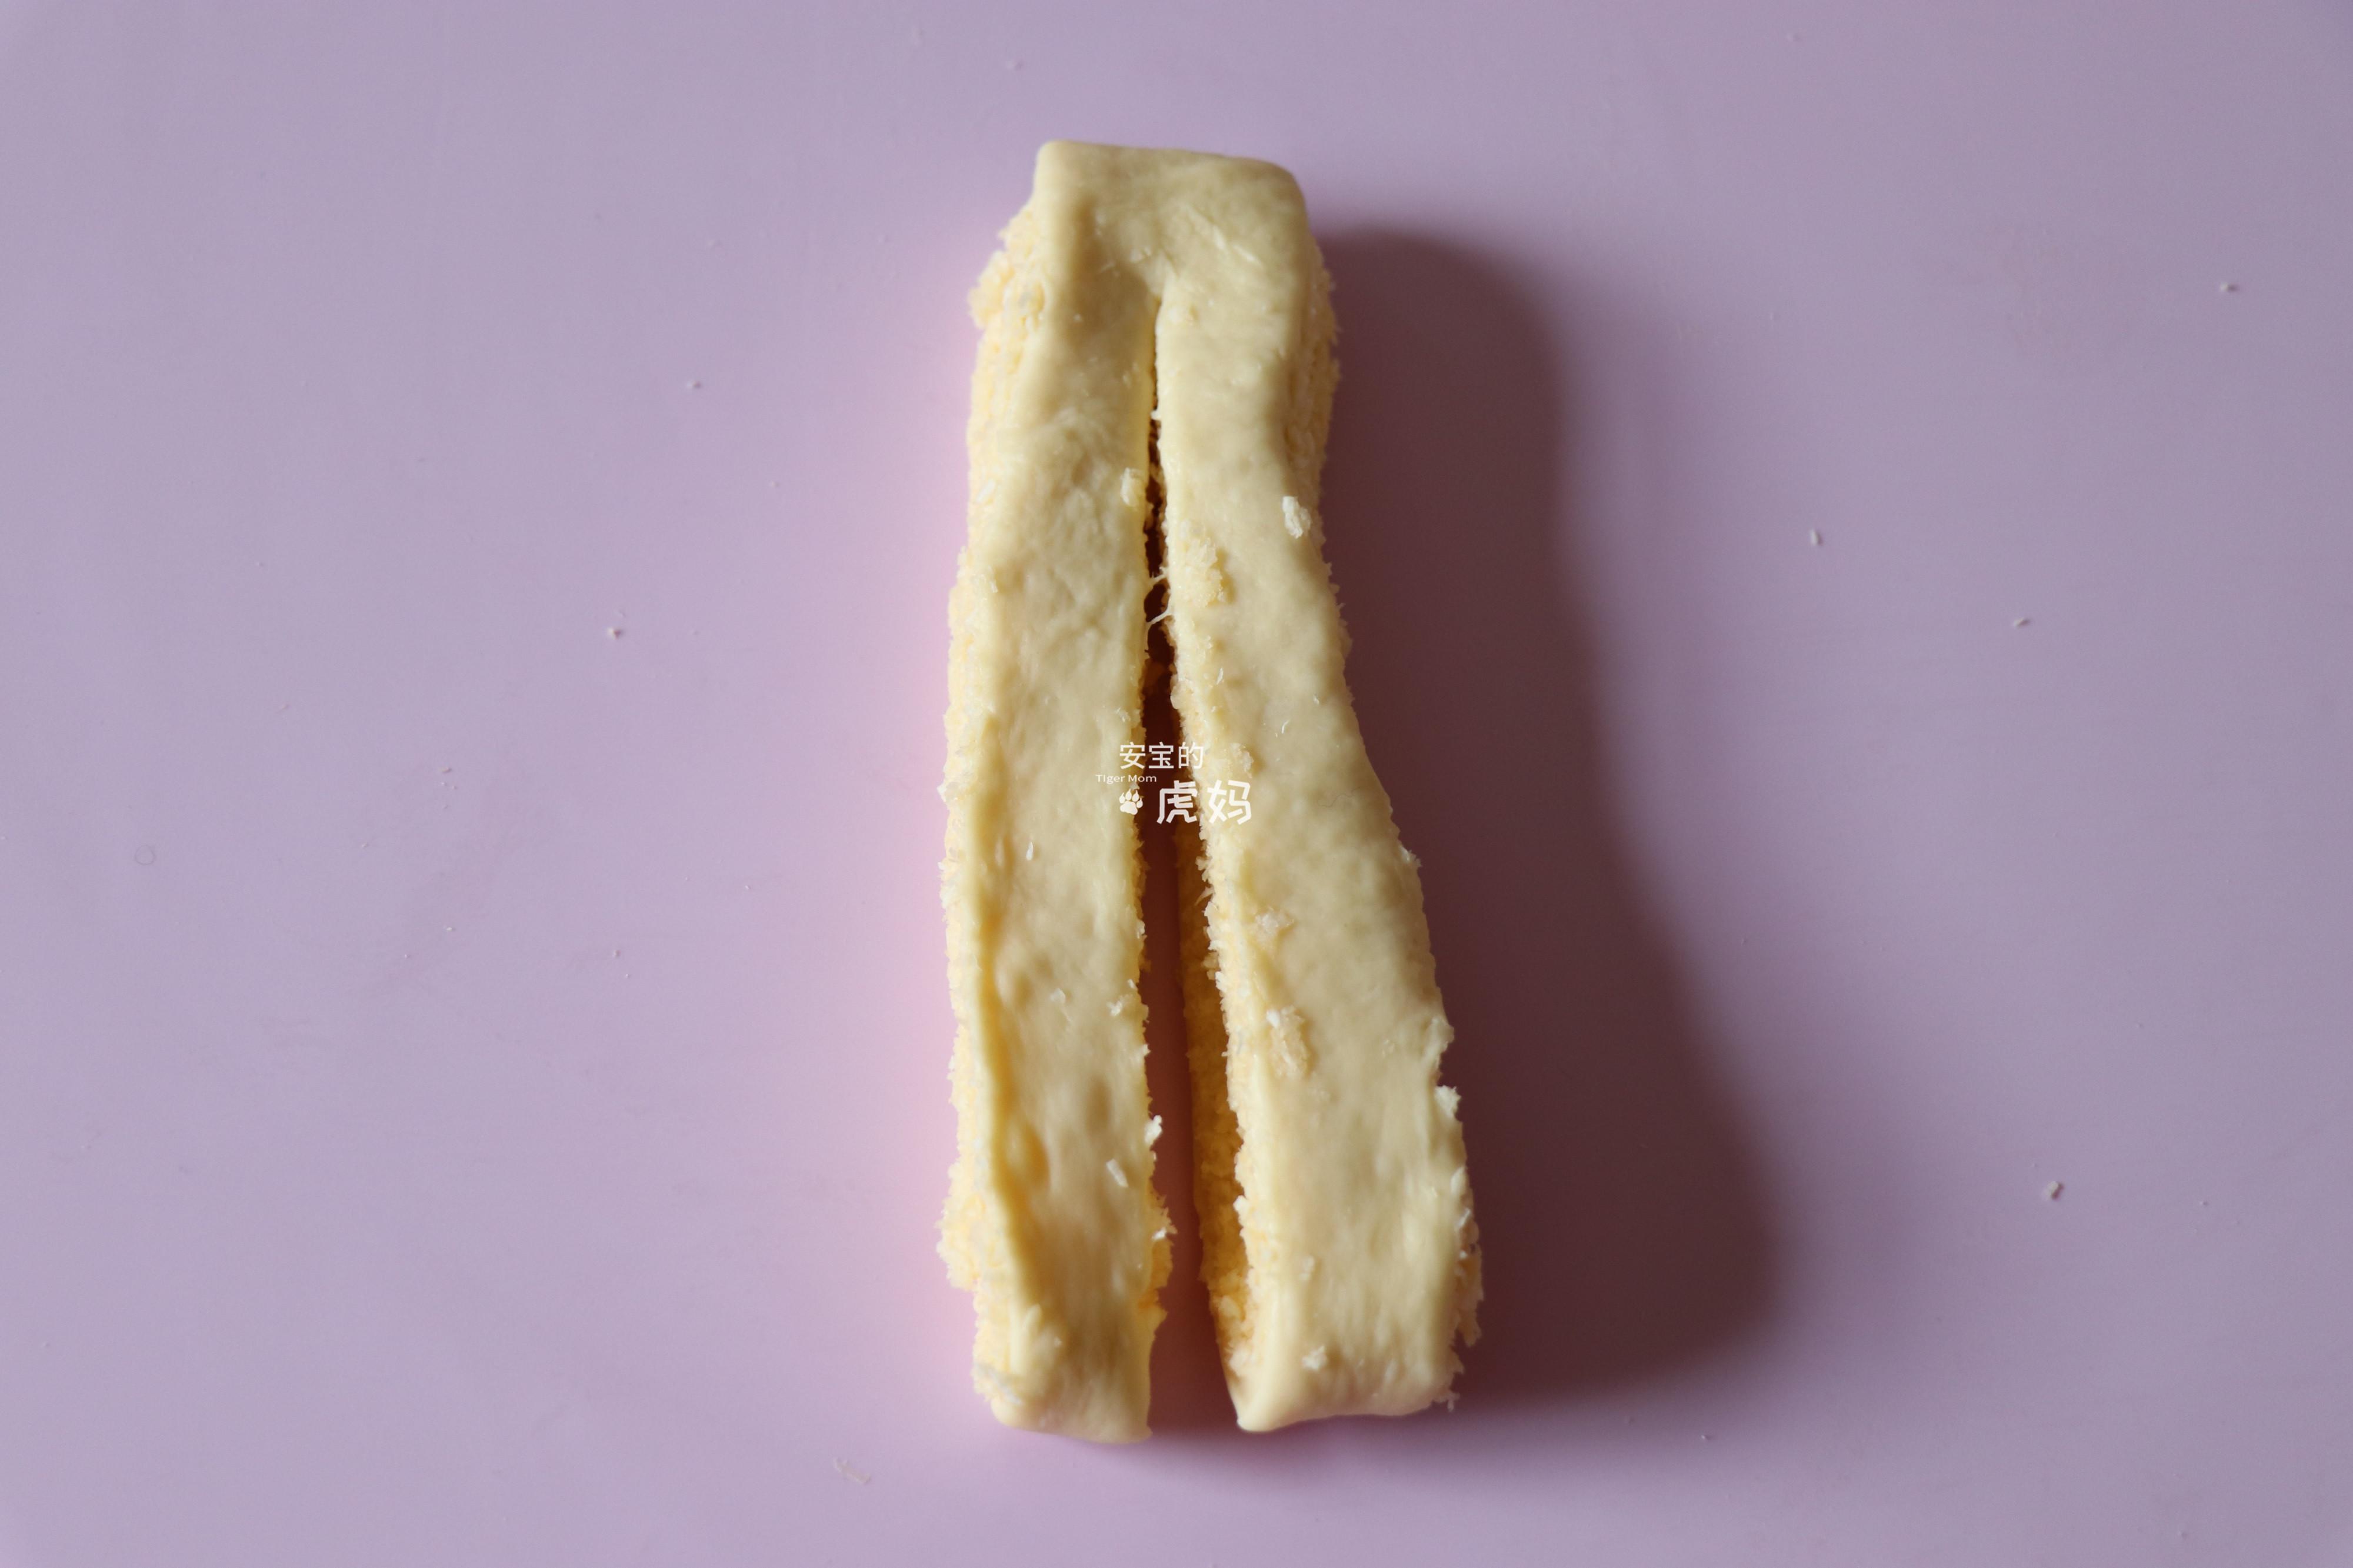 这个面包配方值得收藏,甜度低热量也相对不高,既好吃又健康